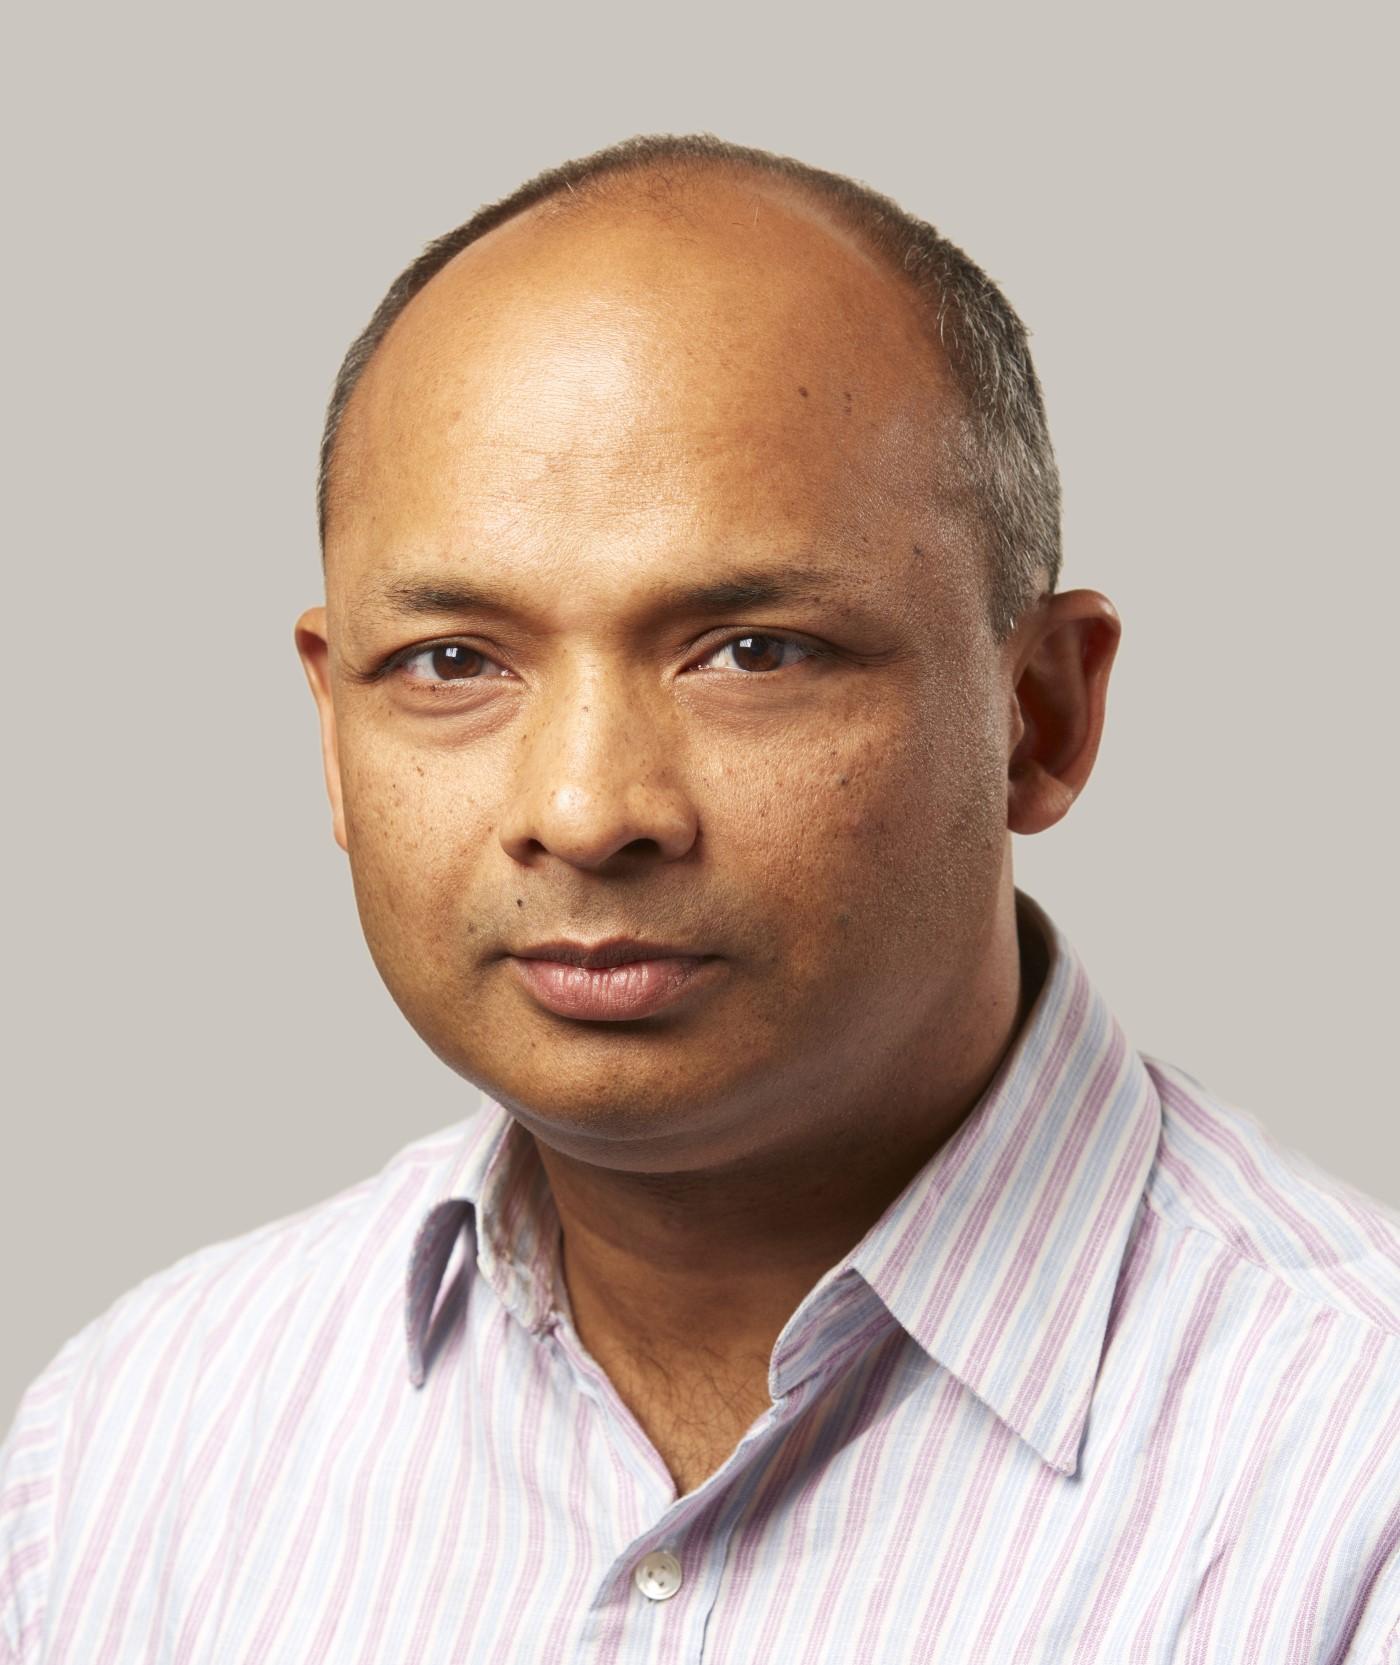 Pramit Pal Chaudhuri | Rhodium Group